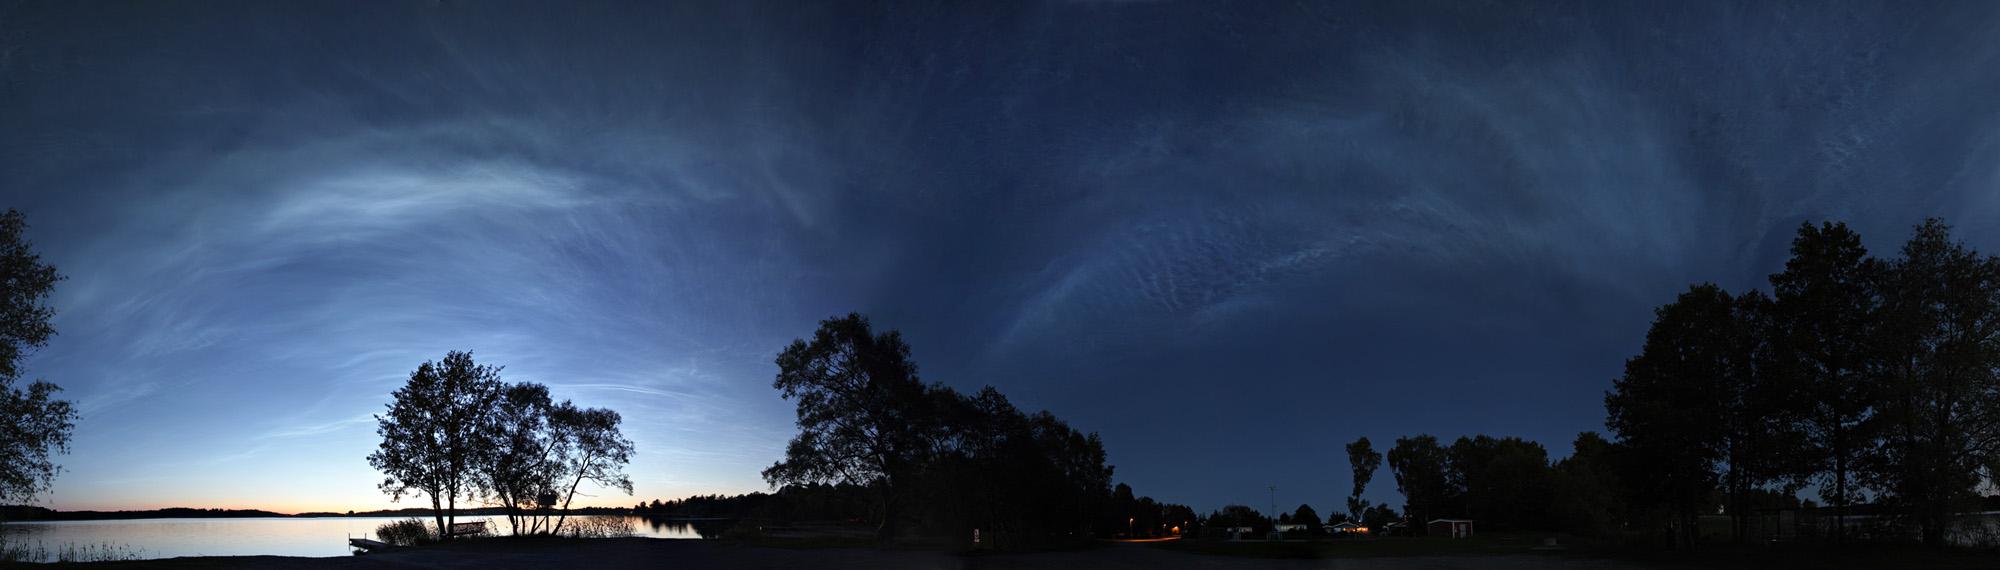 Tempête de nuages noctiluques